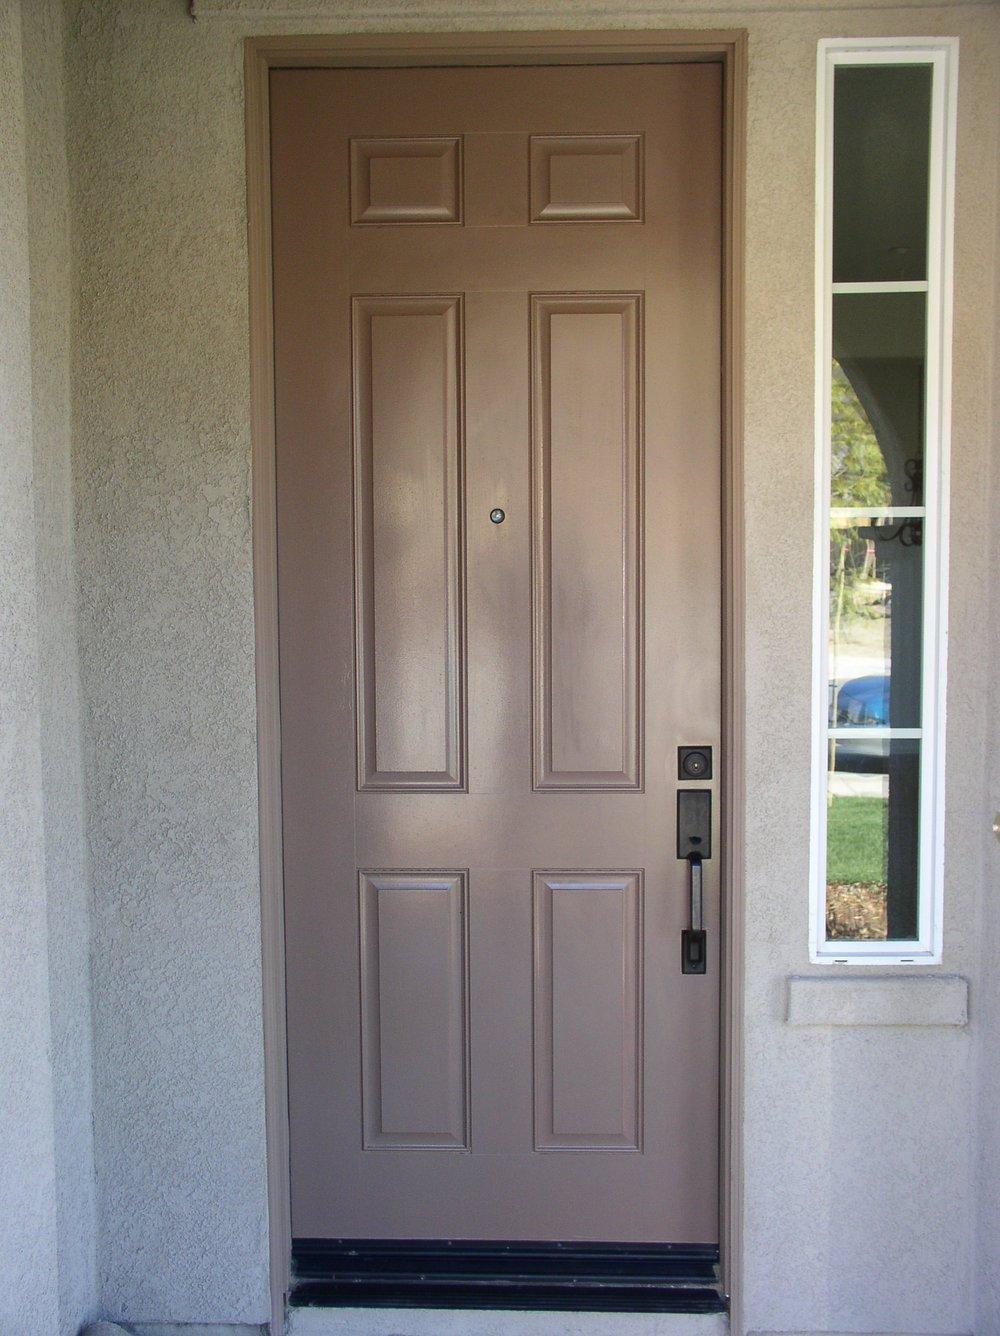 6 PANEL METAL ENTRY DOOR.JPG